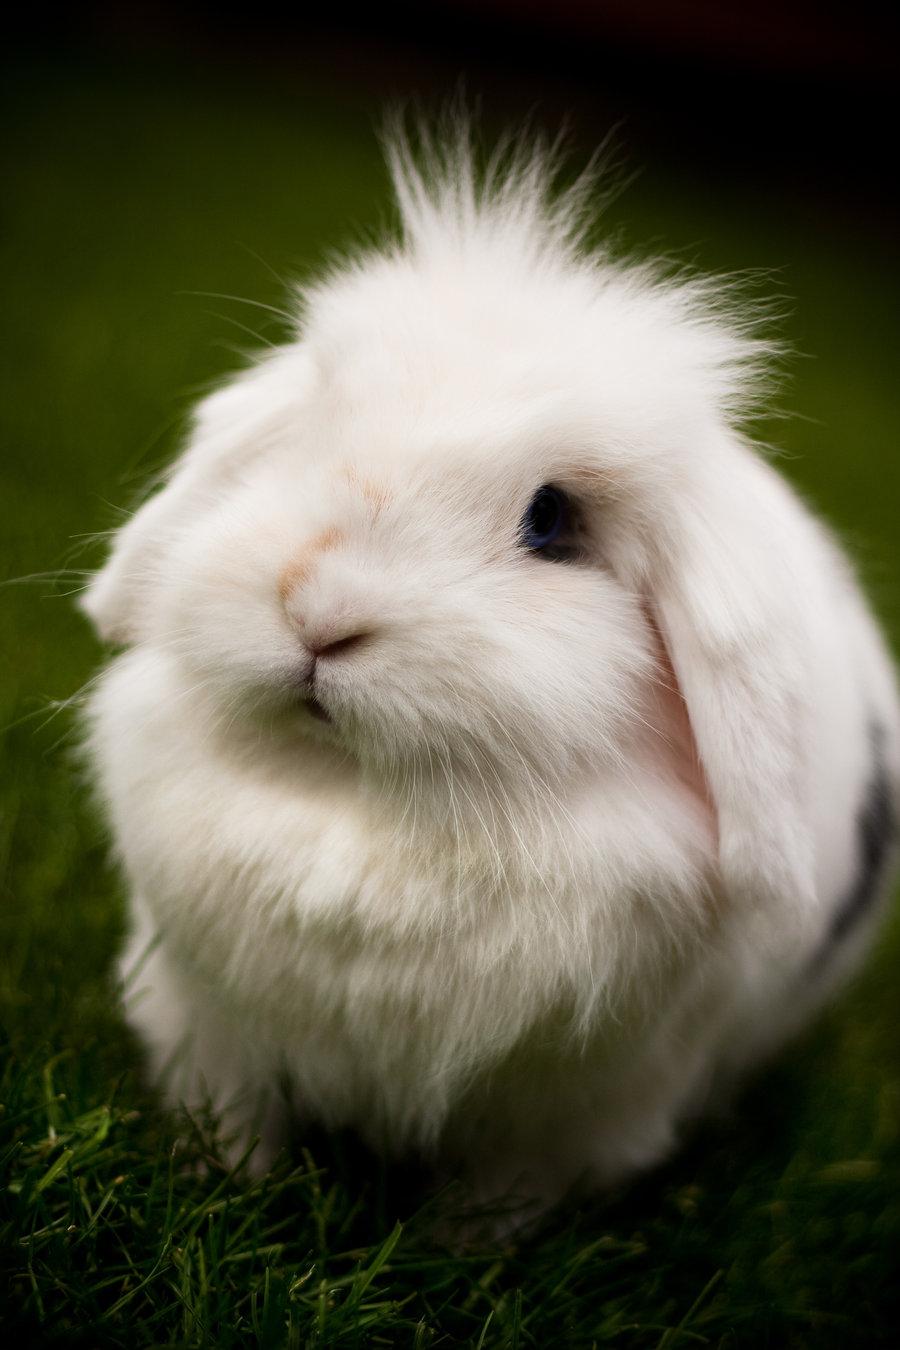 Bunny - Bunny Rabbits ...